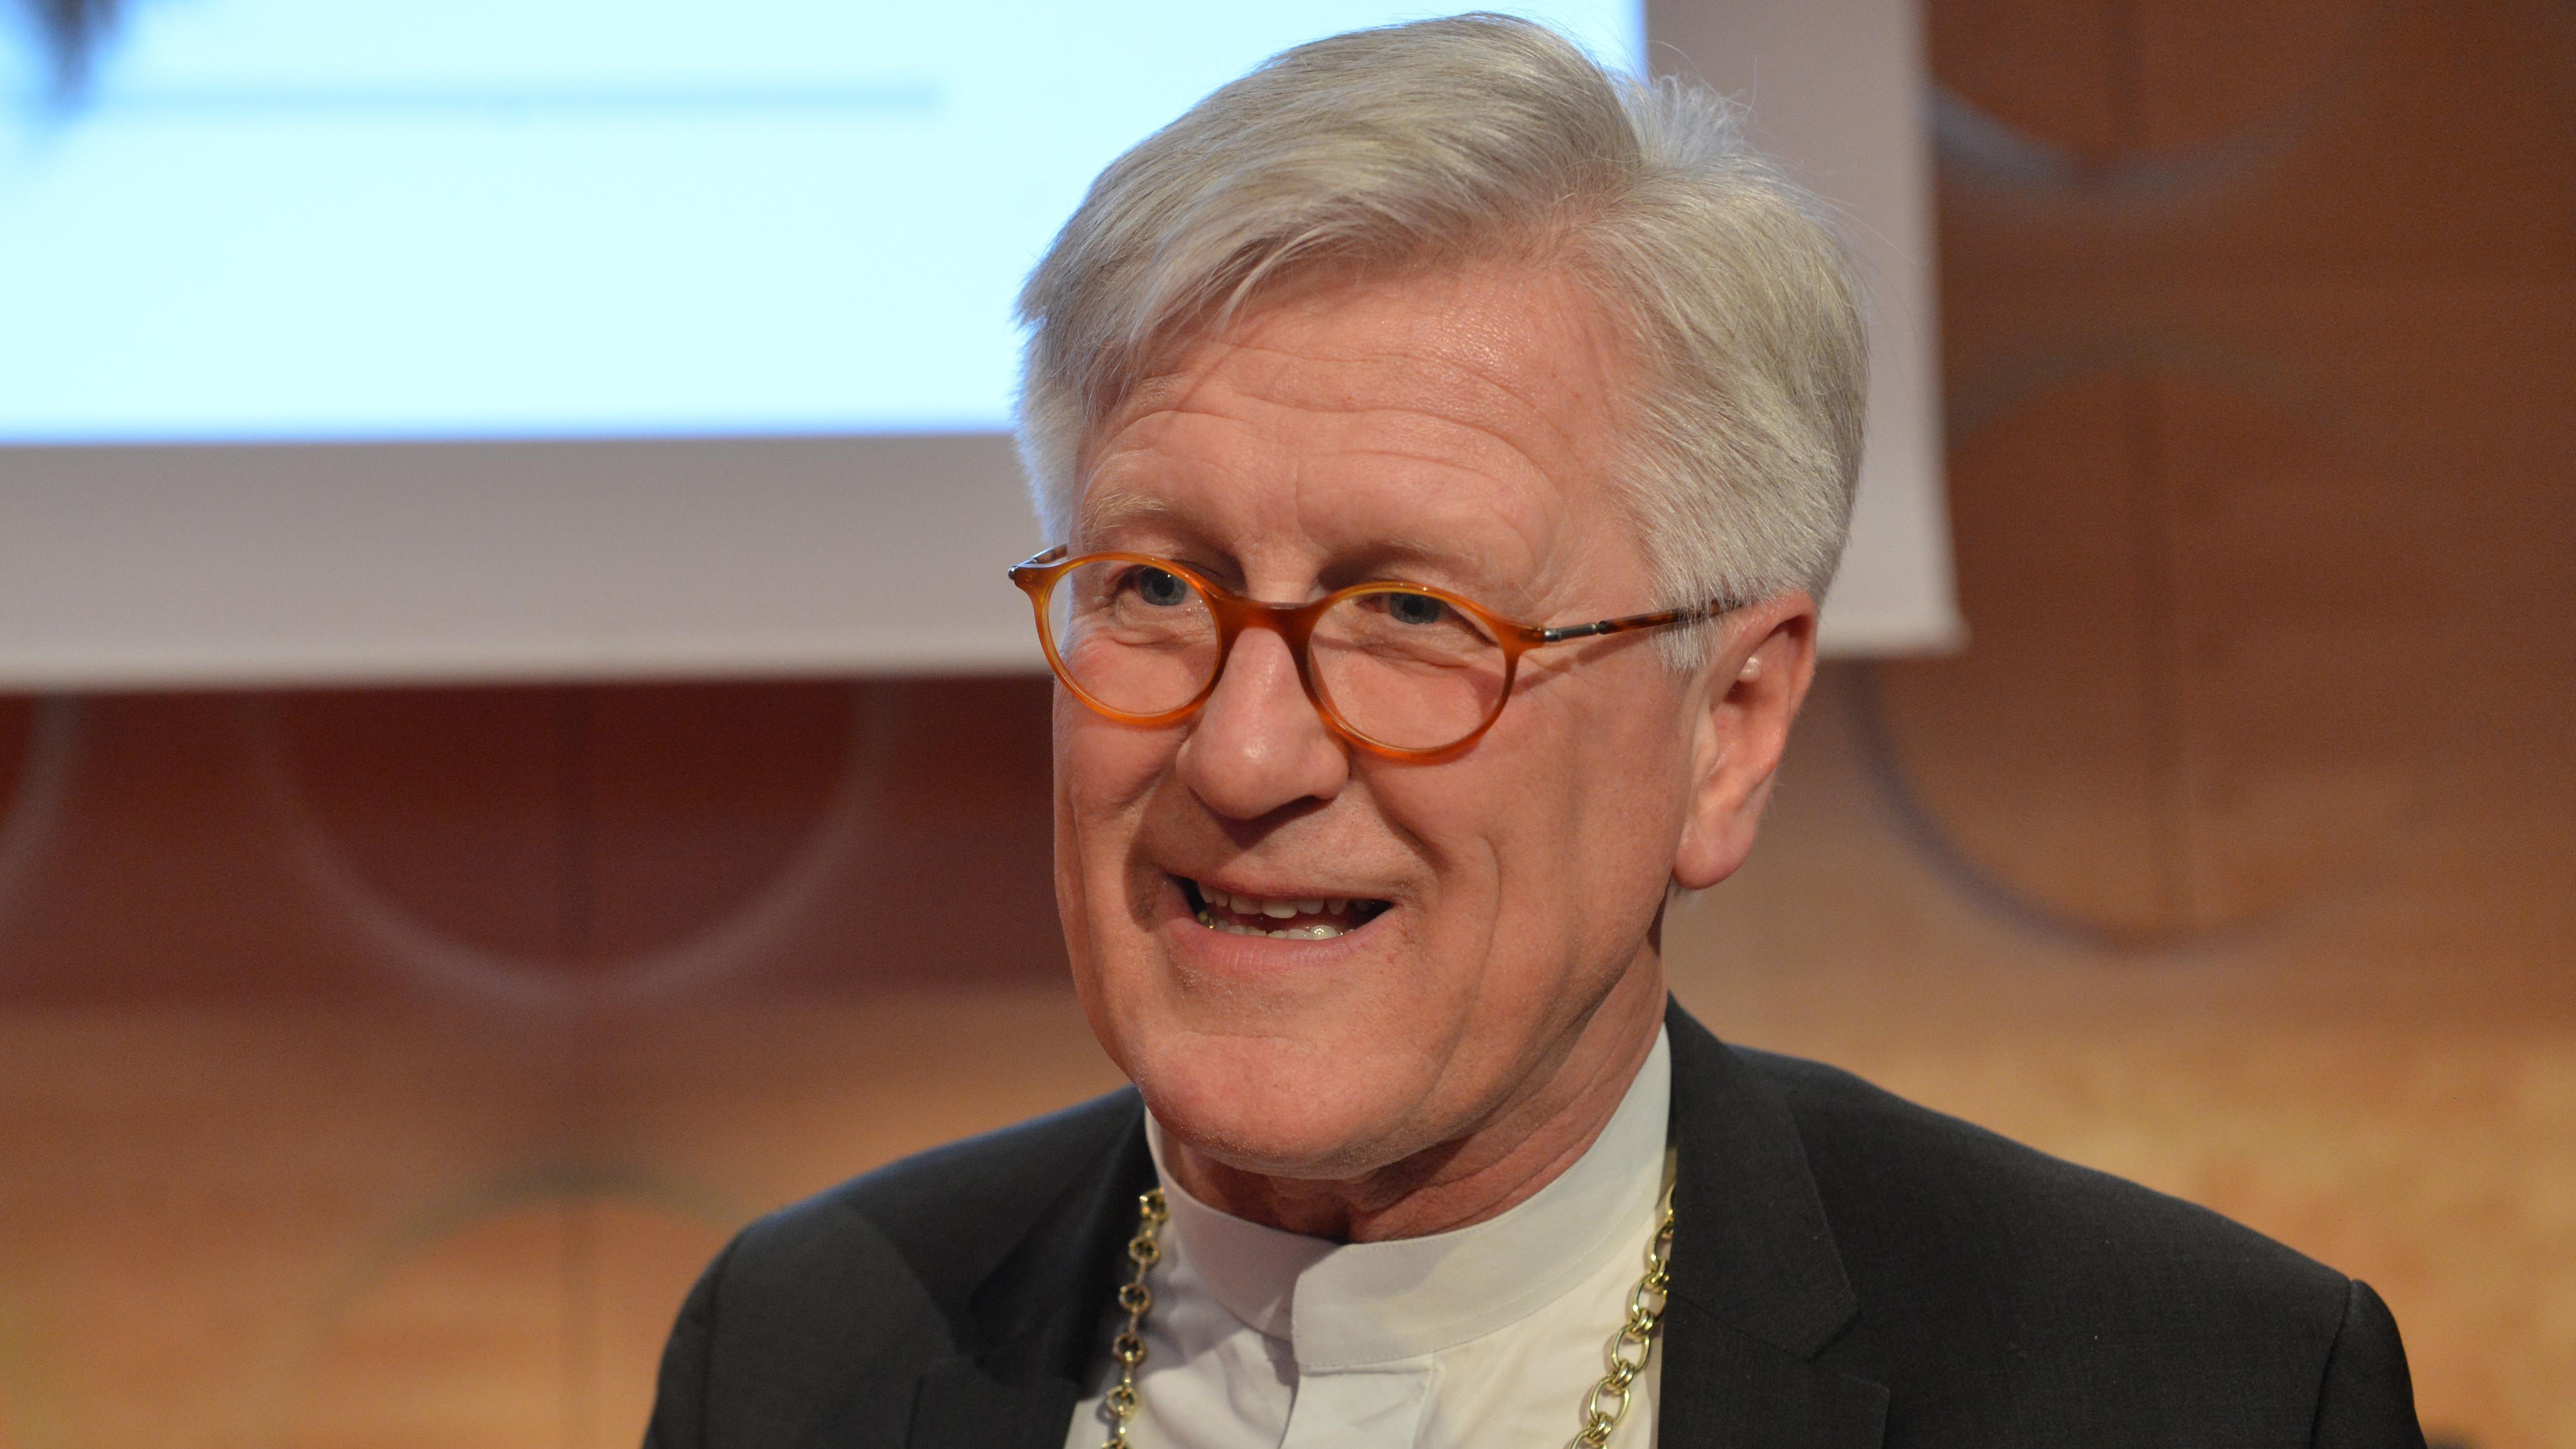 Heinrich Bedford-Strohm, der Ratsvorsitzende der Evangelischen Kirche in Deutschland